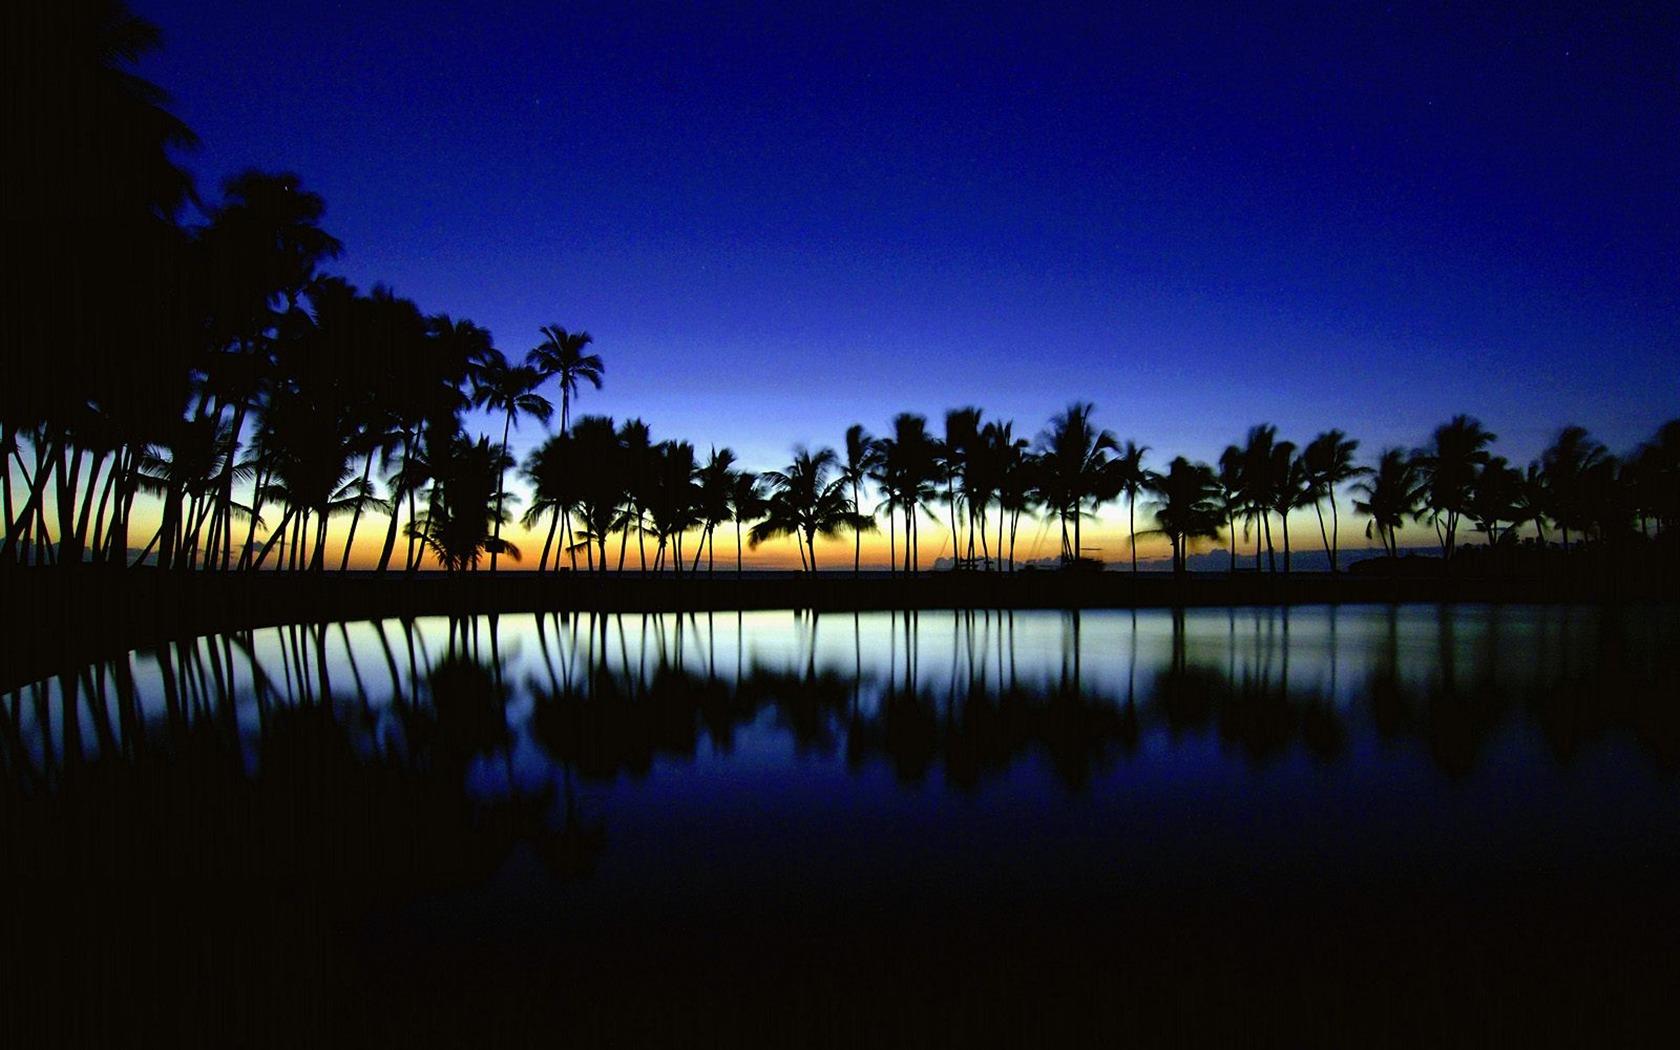 ハワイの壁紙の美しい風景 32 1680x1050 壁紙ダウンロード ハワイの壁紙の美しい風景 風景 壁紙 V3の壁紙